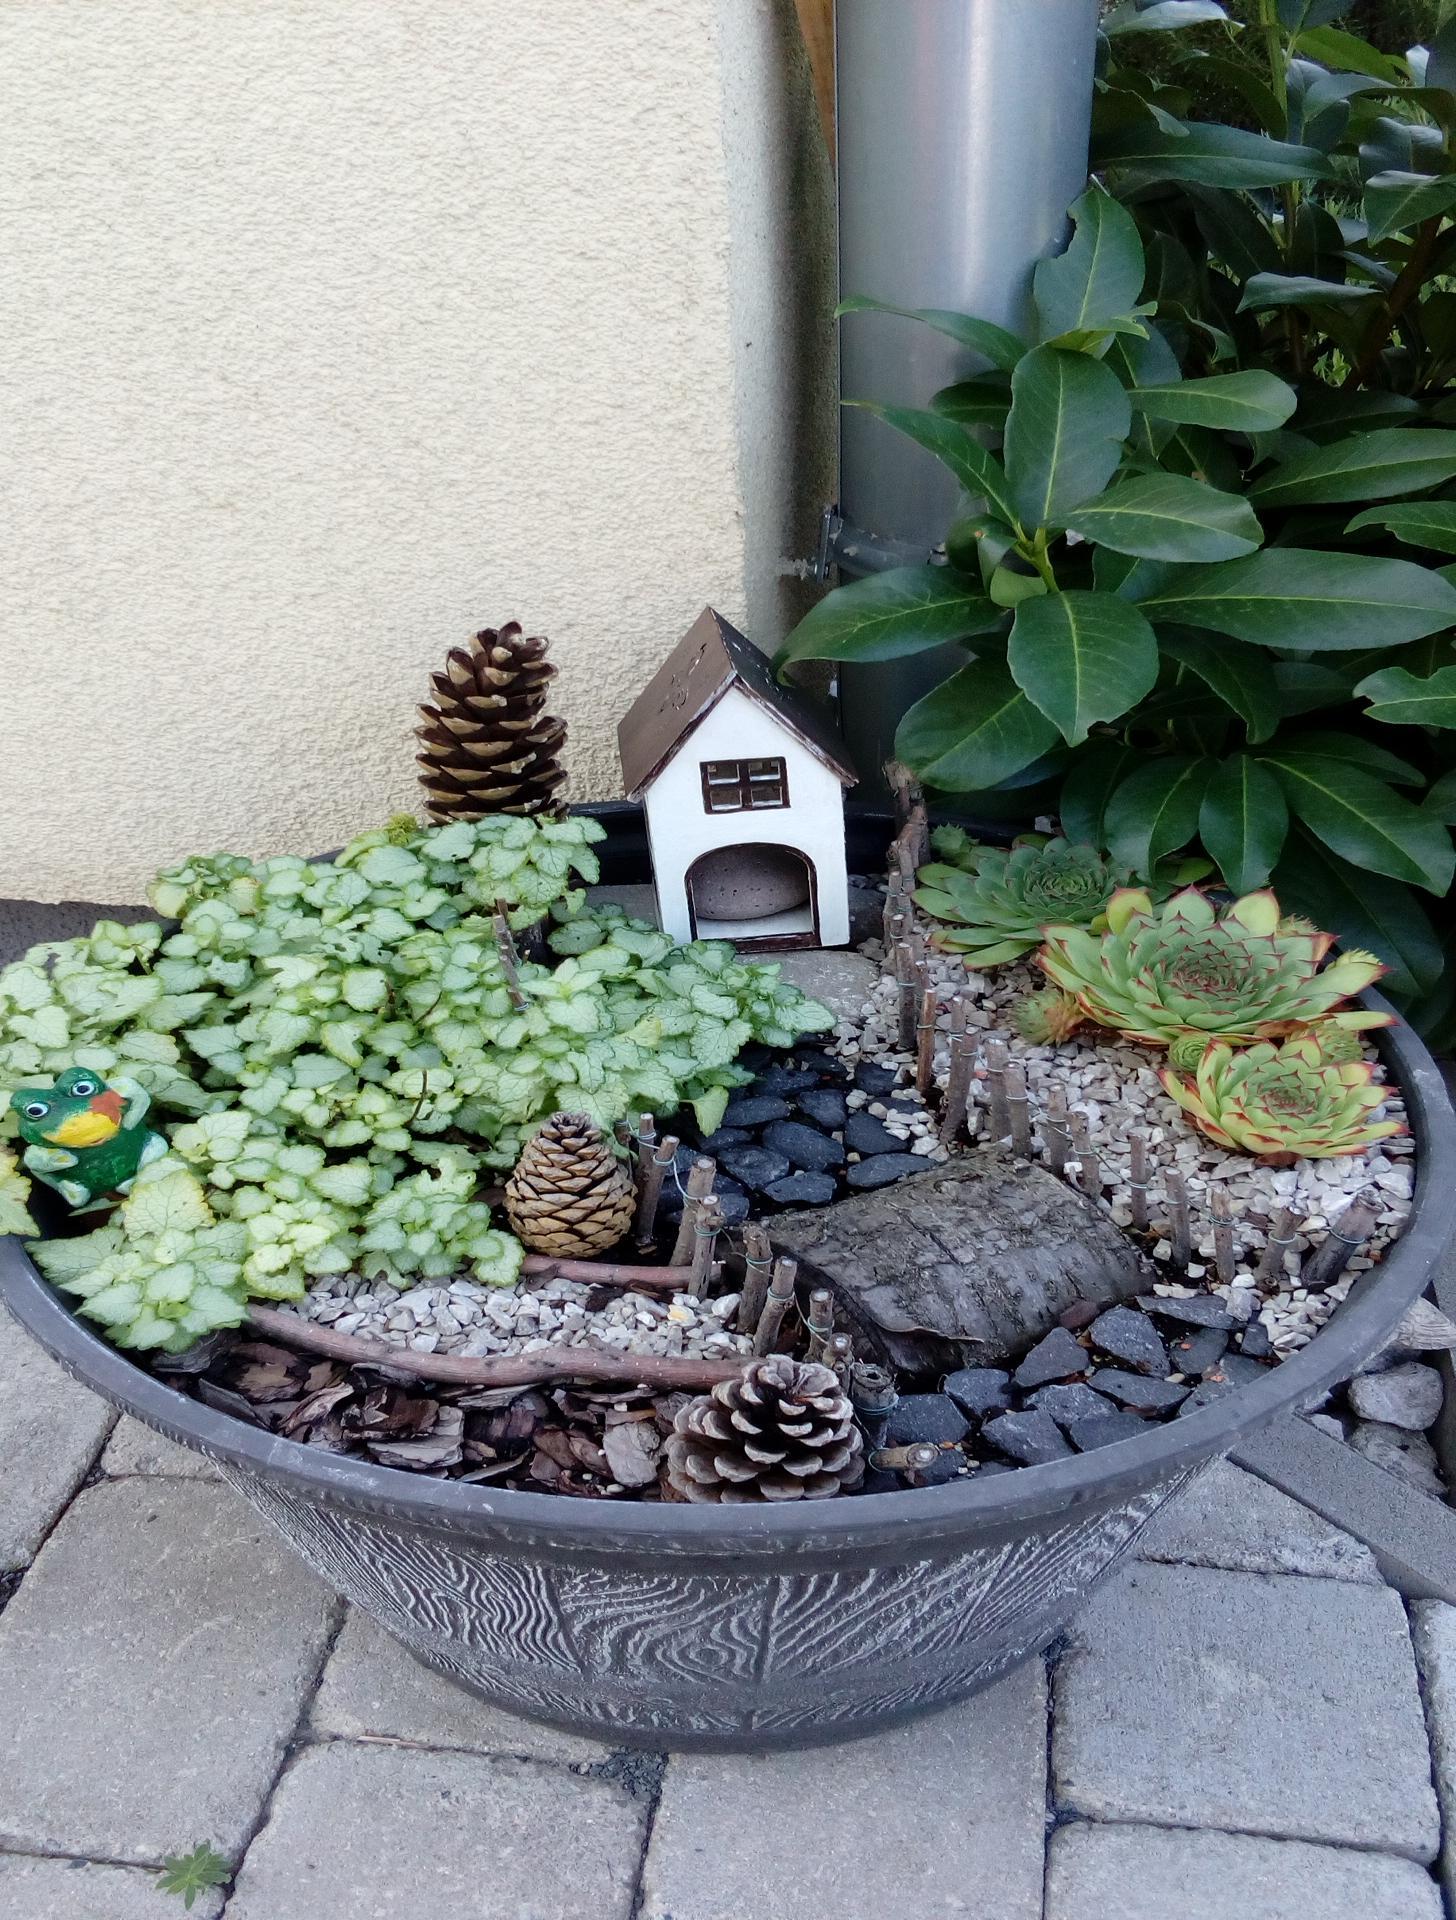 Môj rok v záhrade - Obrázok č. 1